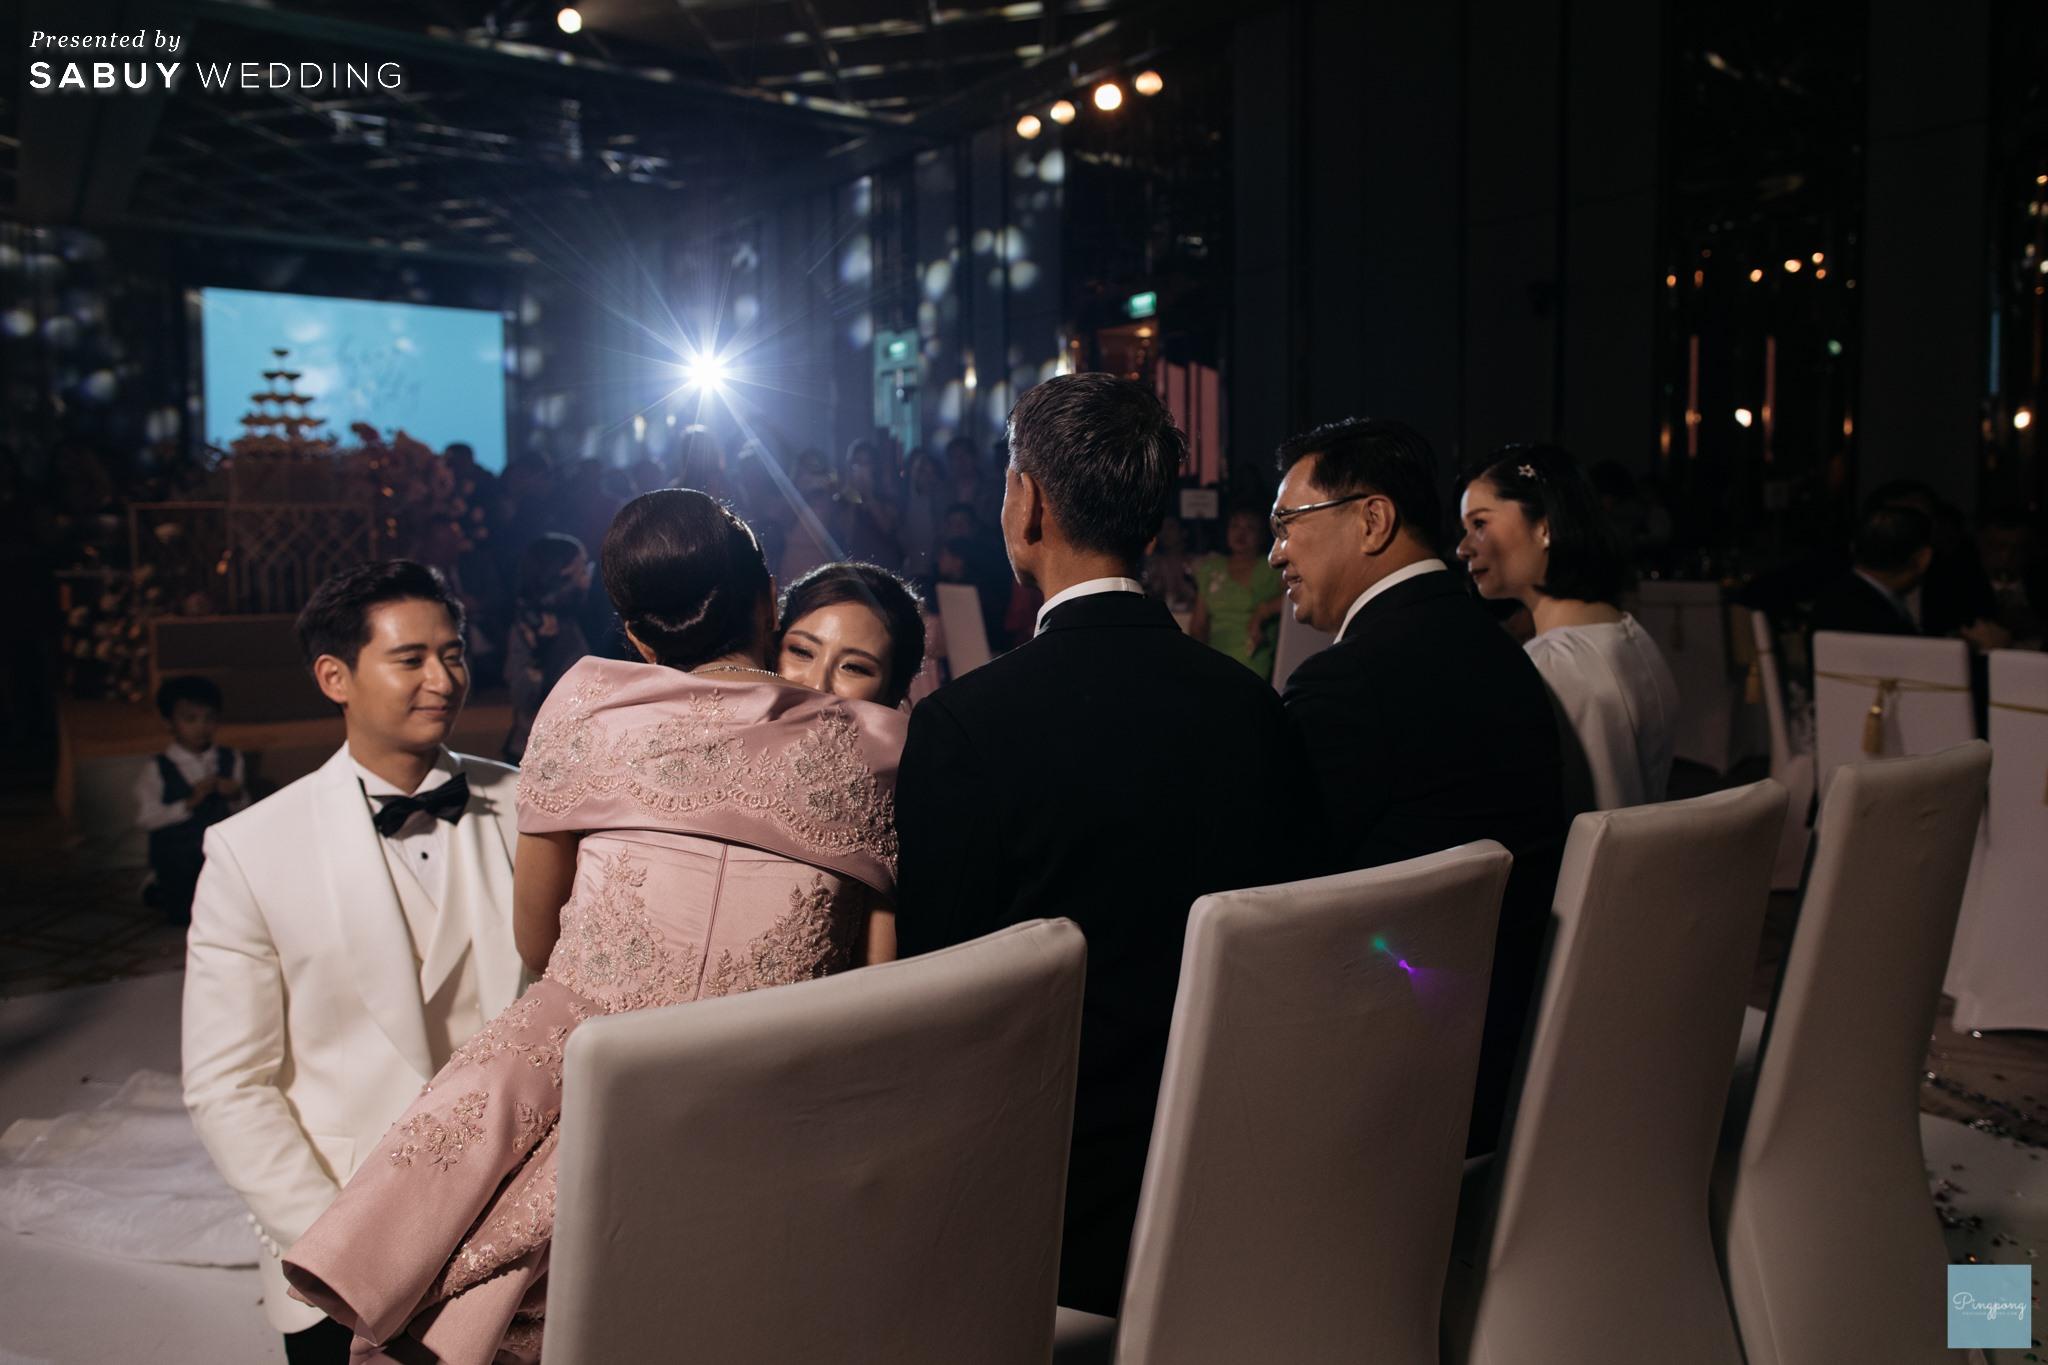 พิธีแต่งงาน,โรงแรม,สถานที่จัดงานแต่งงาน,งานแต่งงาน,เจ้าบ่าว,เจ้าสาว รีวิวงานแต่งโมเดิร์นหวานละมุน อบอุ่นในโทนครีมชมพู @ Hyatt Regency Bangkok Sukhumvit